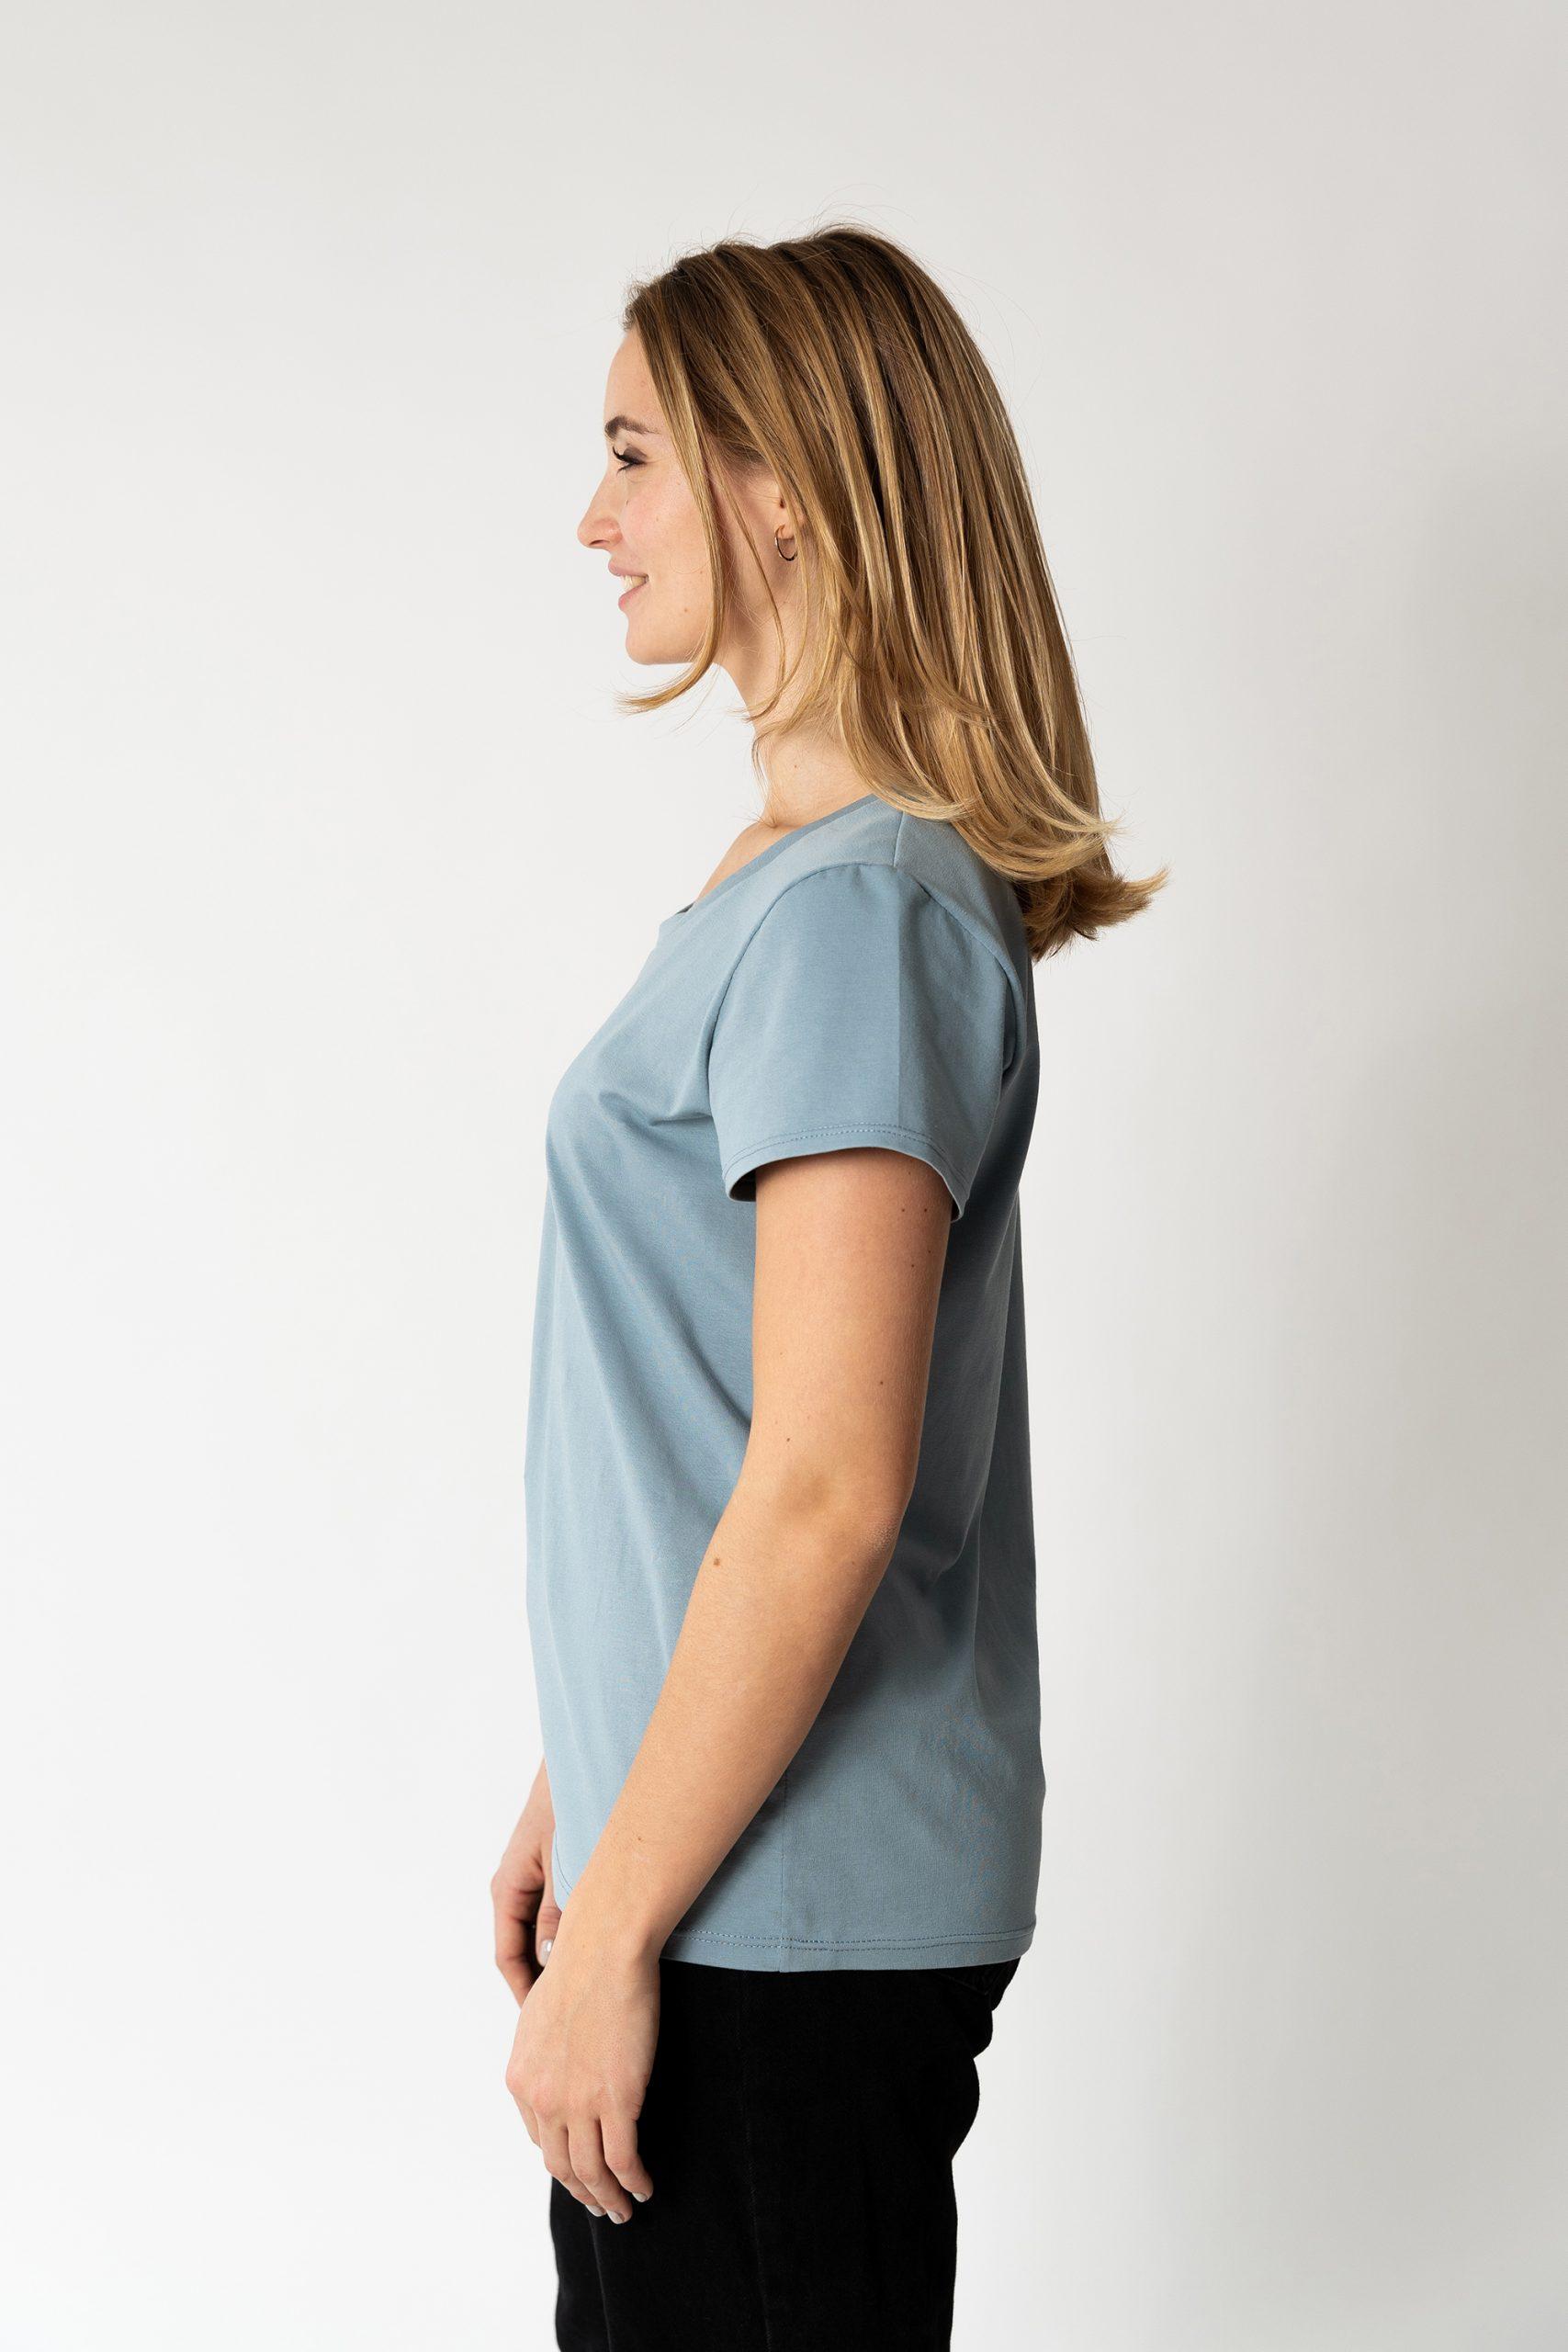 Schnittmuster T-Shirt #swag Tragefoto Seitenansicht Model